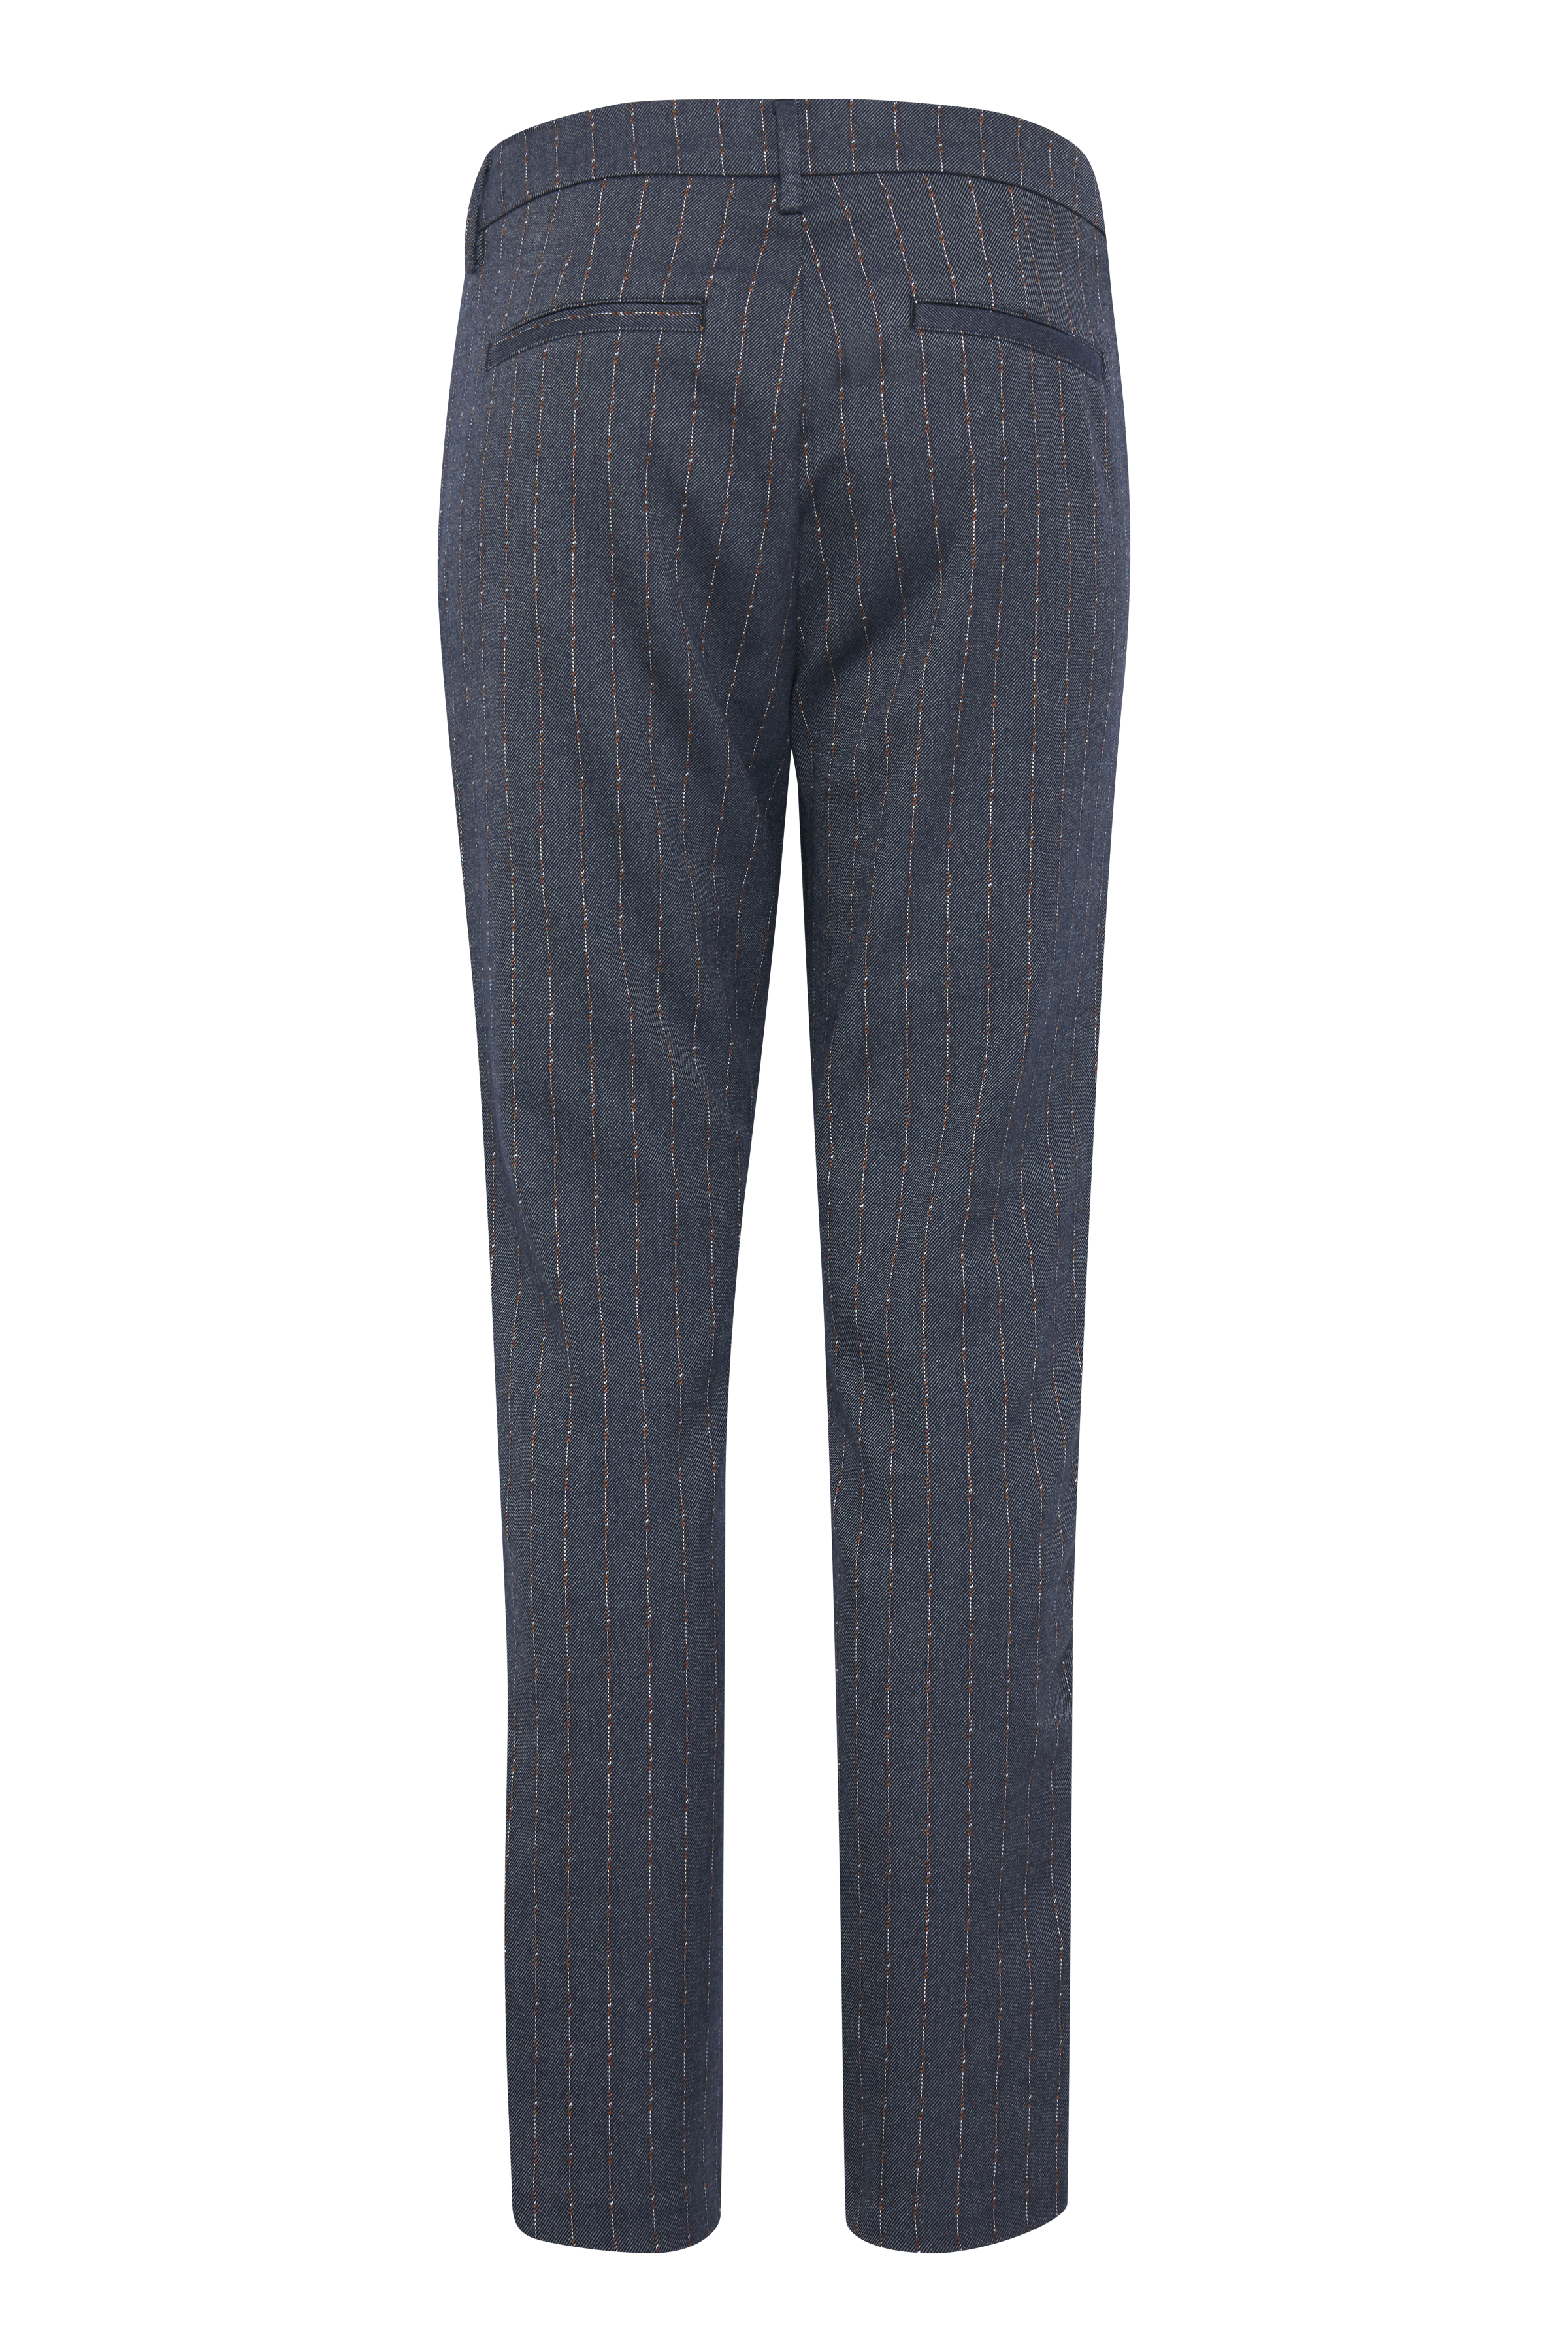 Mørk gråmeleret Casual bukser fra Pulz Jeans – Køb Mørk gråmeleret Casual bukser fra str. 32-46 her